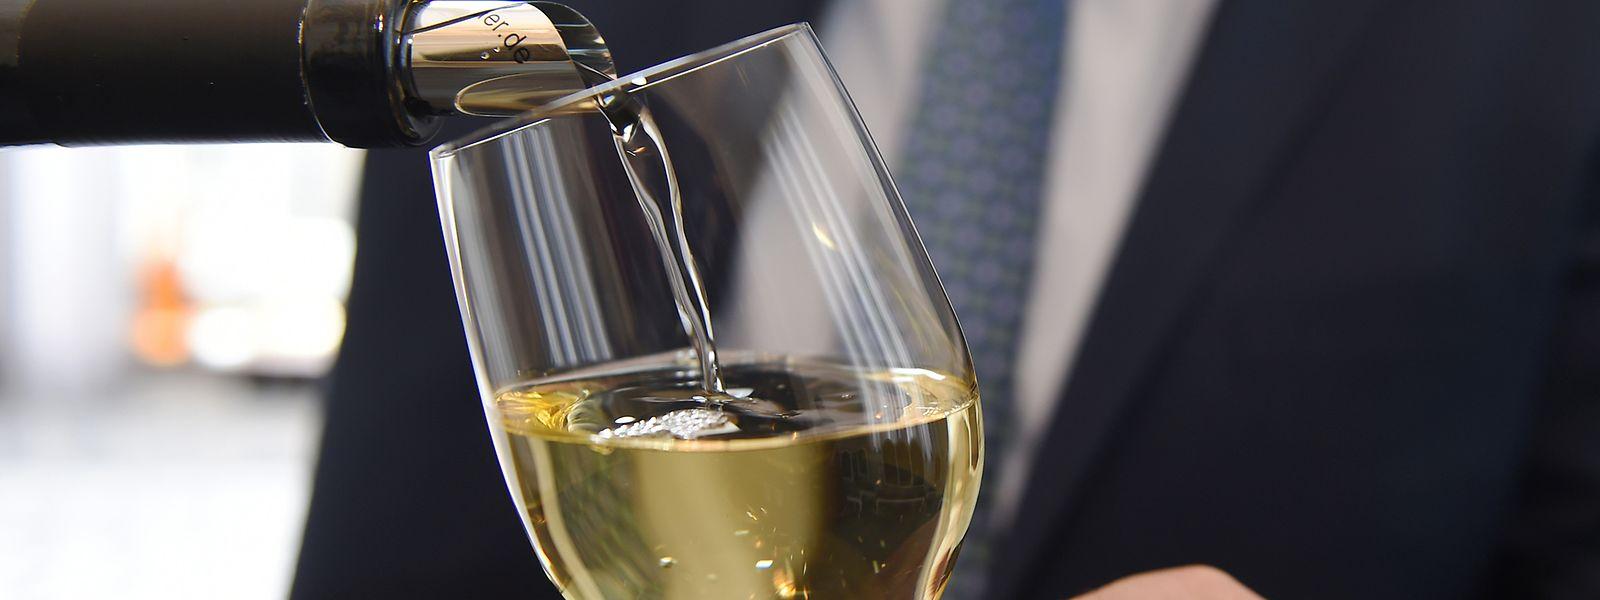 Auch Weißwein gehört zu den europäischen Produkten, die von den US-Strafzöllen anvisiert werden.